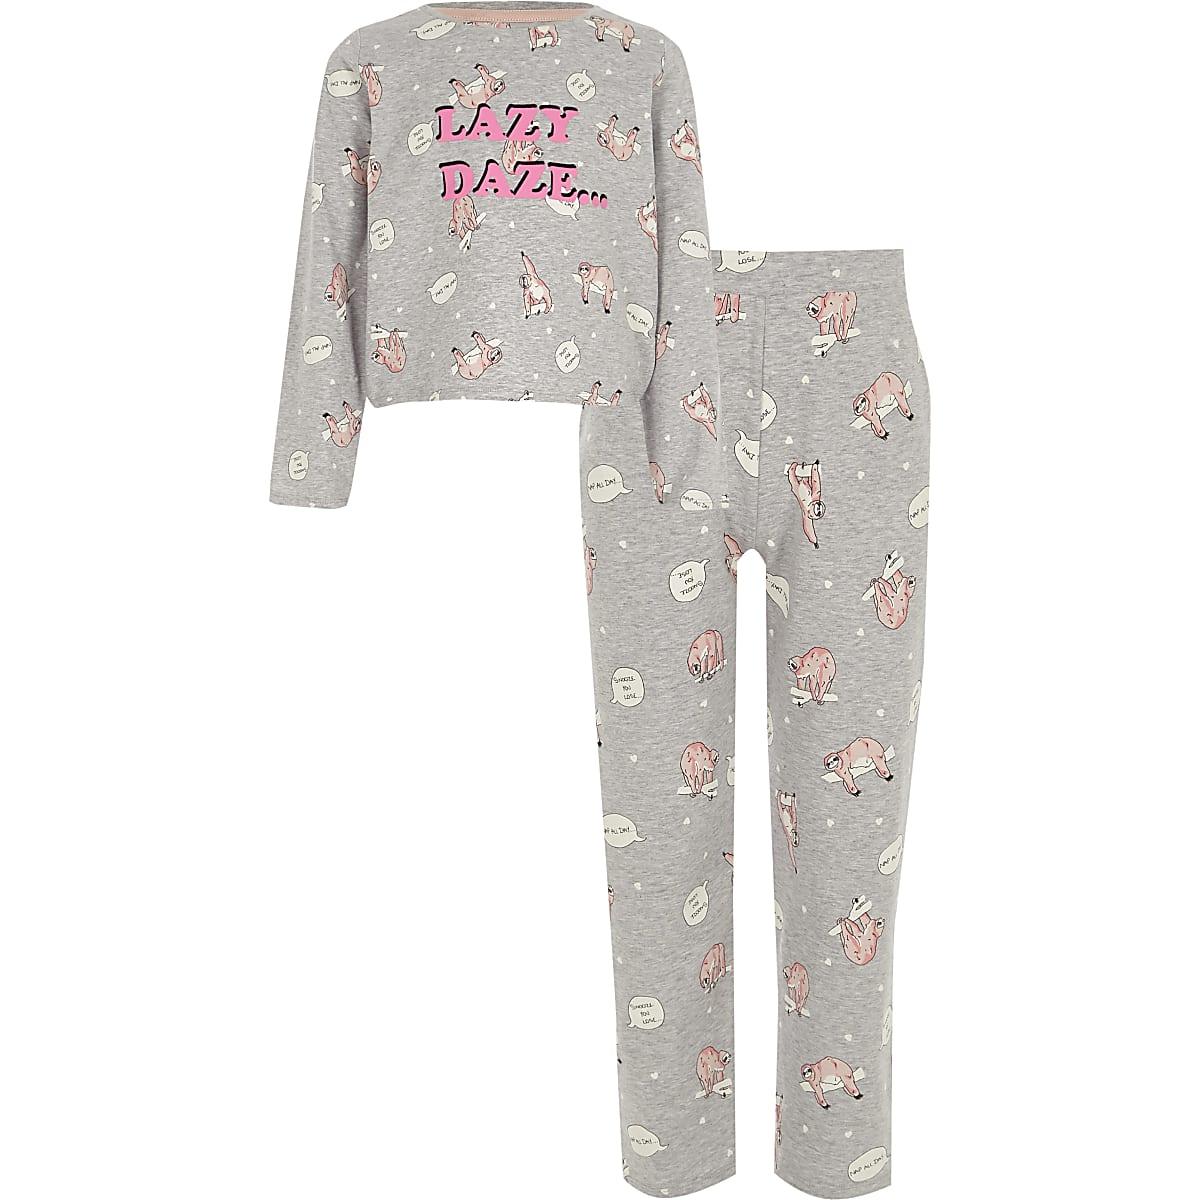 Girls grey 'lazy' sloth print pyjama set